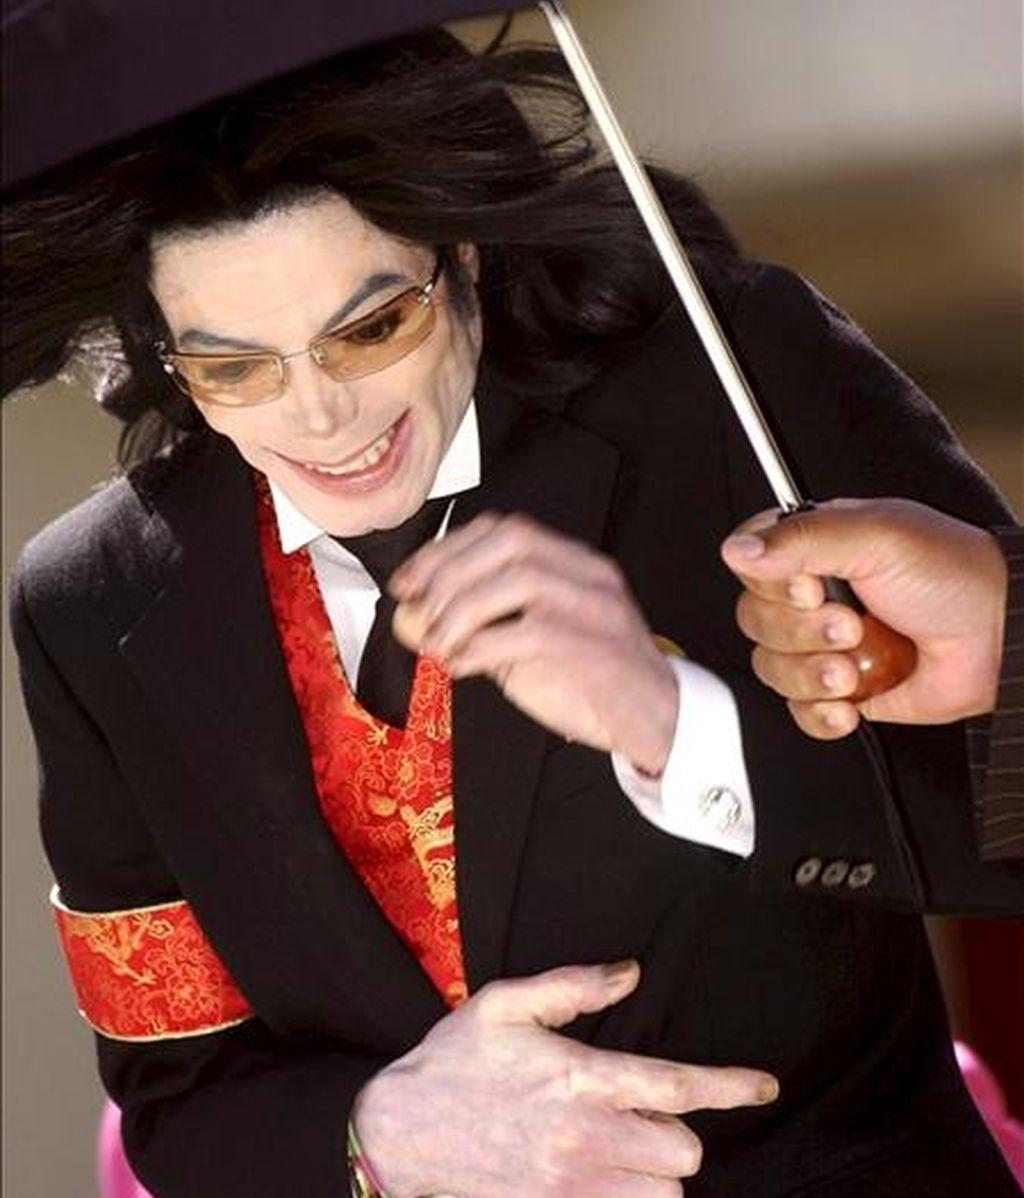 Fotografía de archivo realizada el 14 de abril de 2005 que muestra al 'rey del pop' Michael Jackson a su salida del al tribunal de Santa Bárbara, en Santa María, Estados Unidos. El legendario Michael Jackson murió ayer, 25 de junio, a los 50 años en Los Ángeles, después de que fuera encontrado en su mansión de Bel Air en coma, tras sufrir aparentemente una parada cardíaca. EFE/Archivo